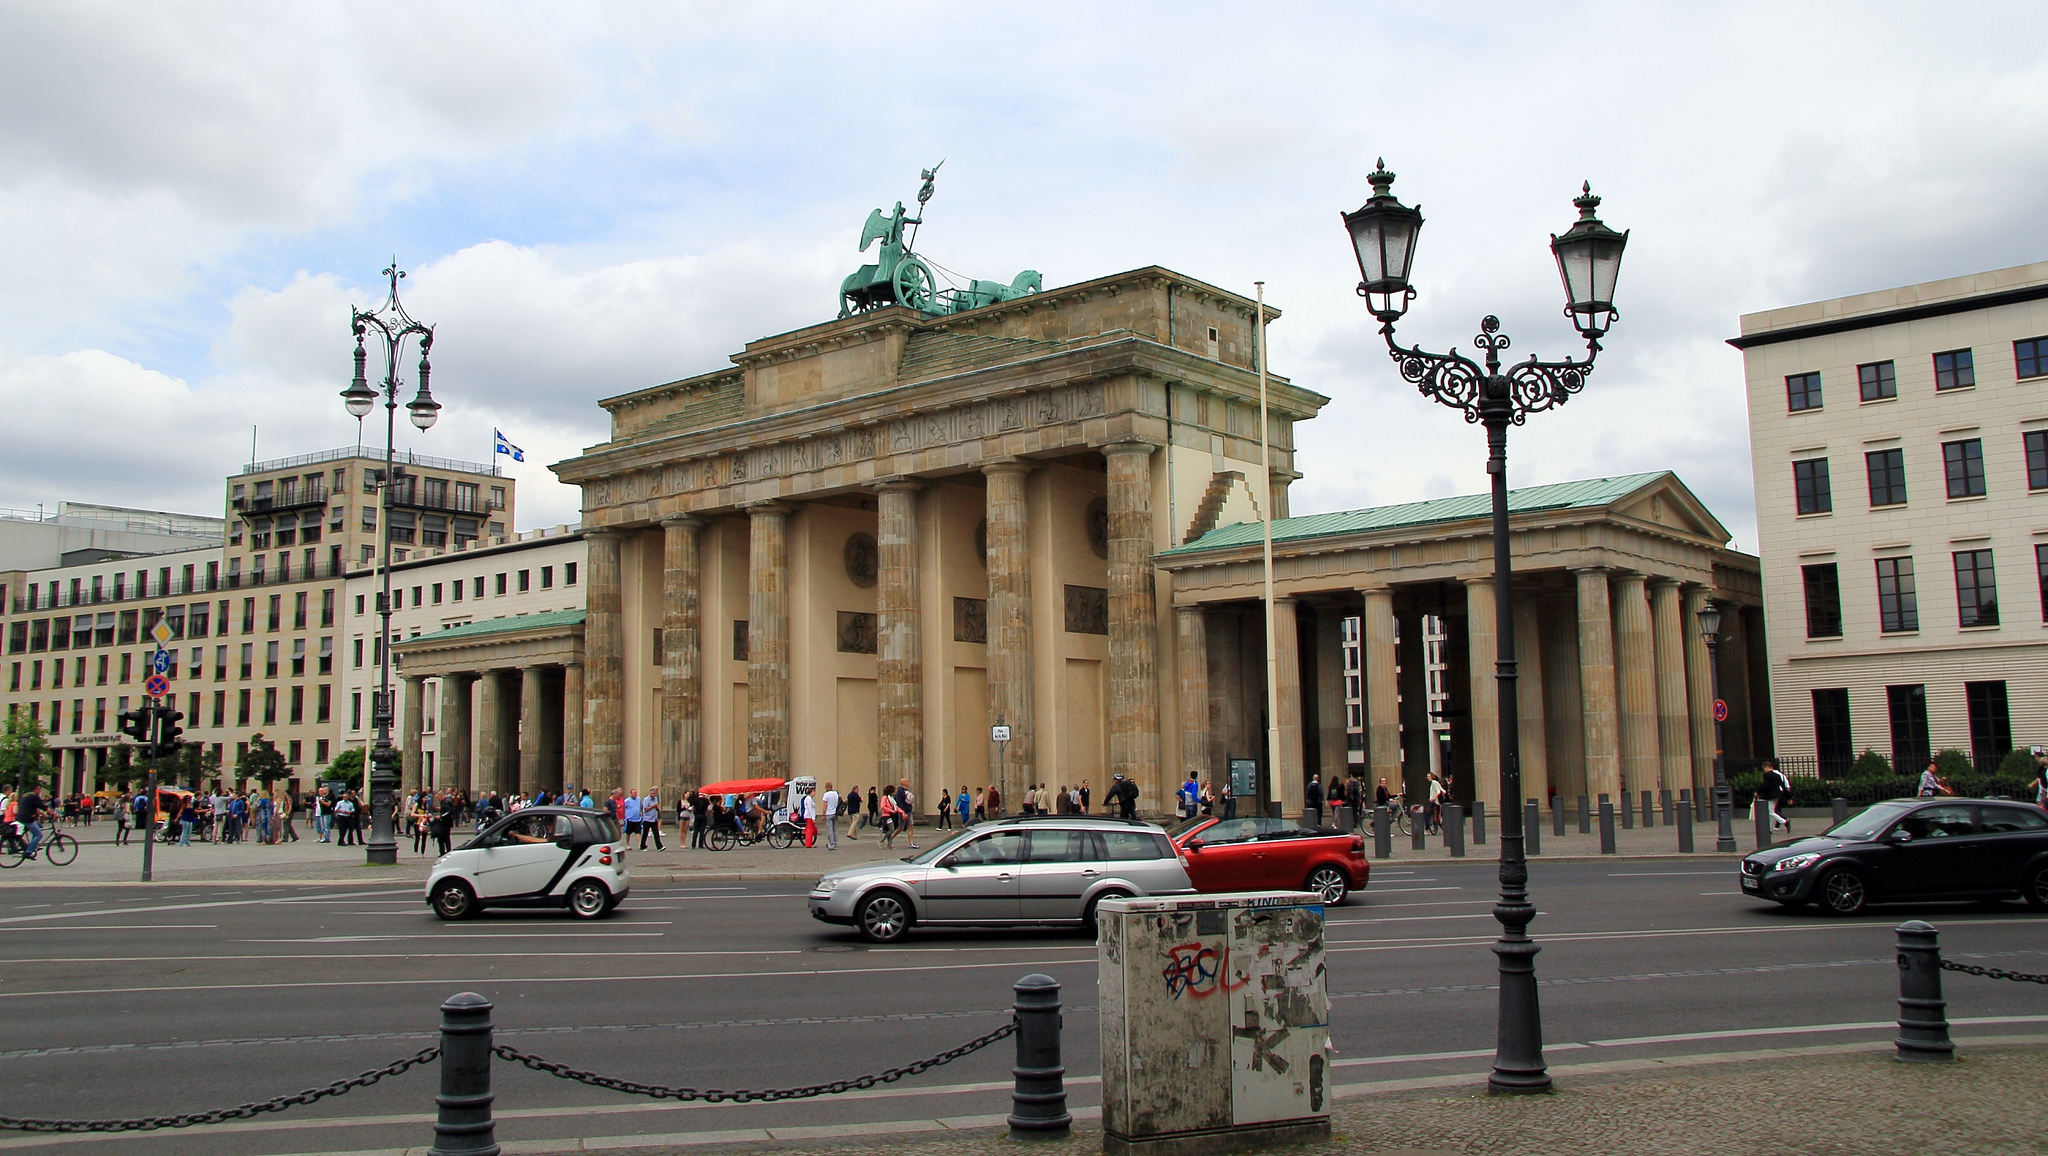 Το Βερολίνο είναι μία Σύγχρονη Μητρόπολη με Ιστορία